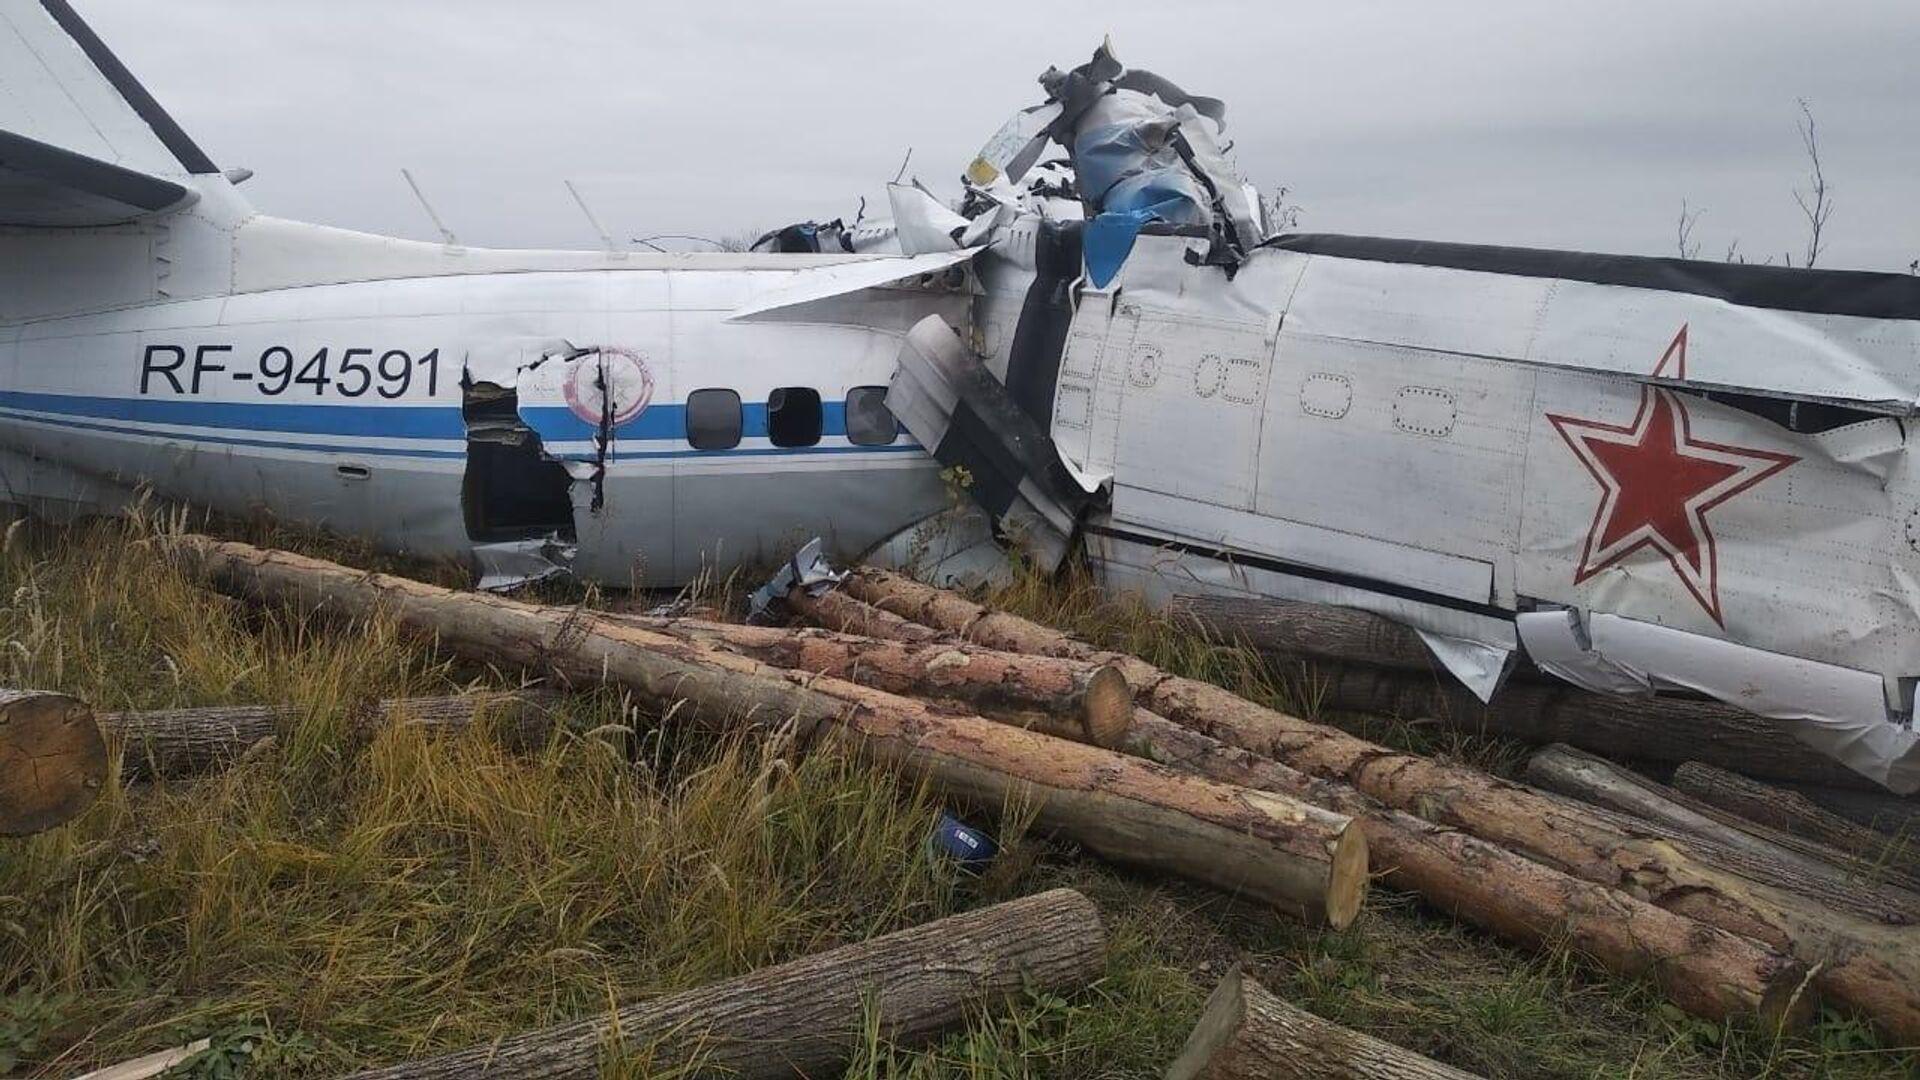 Крушение самолета L-40 в Татарстане - Sputnik Грузия, 1920, 10.10.2021